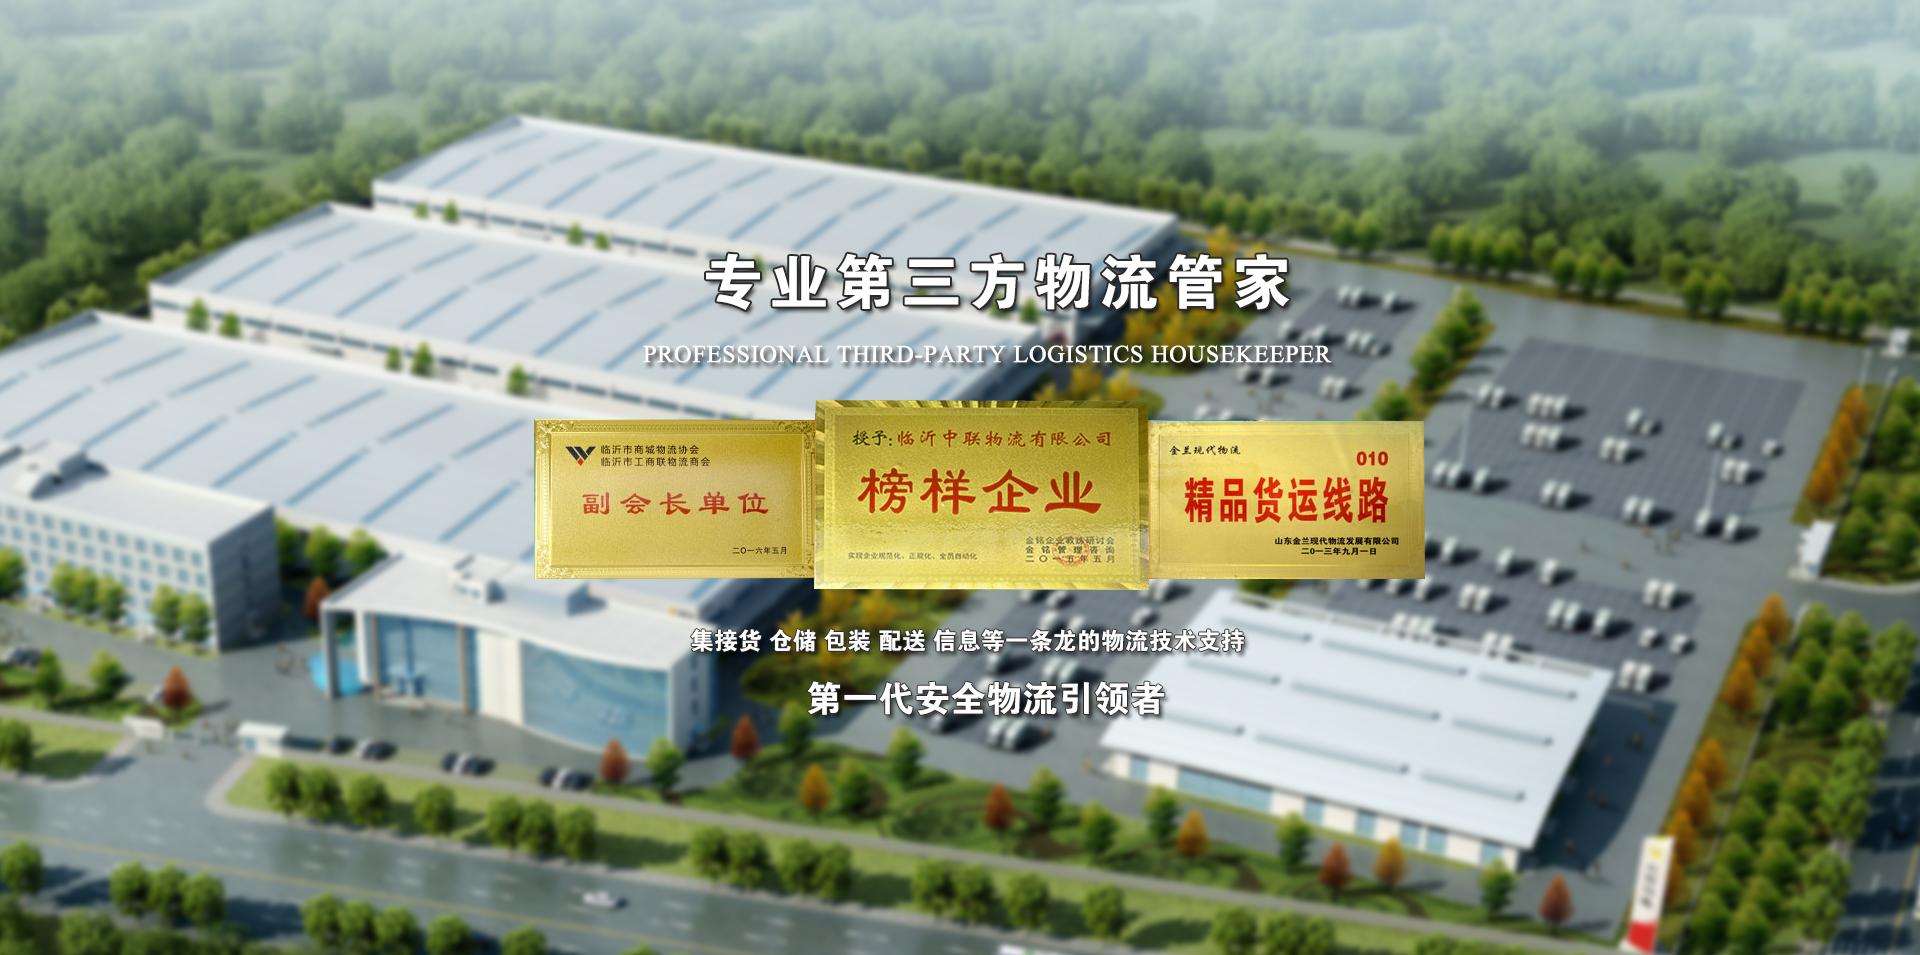 临沂到安徽物流_怎么样才可以推进中国冷链物流体系建设